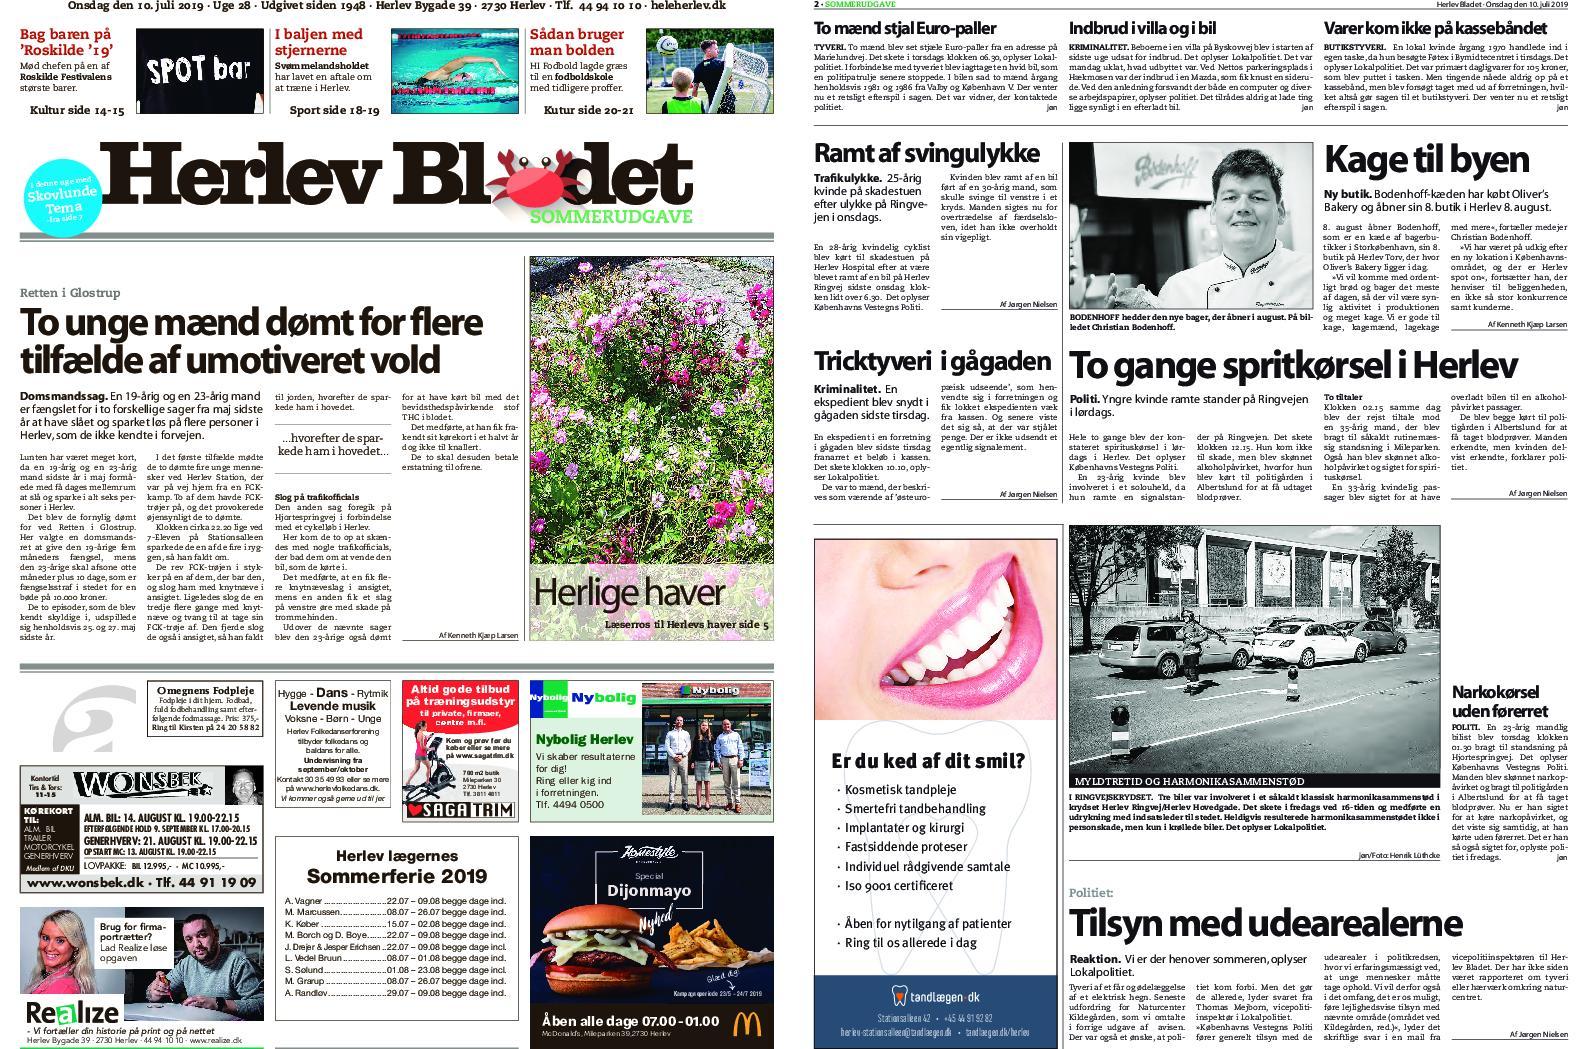 Herlev Bladet 09 Juli 2019 Avaxhome